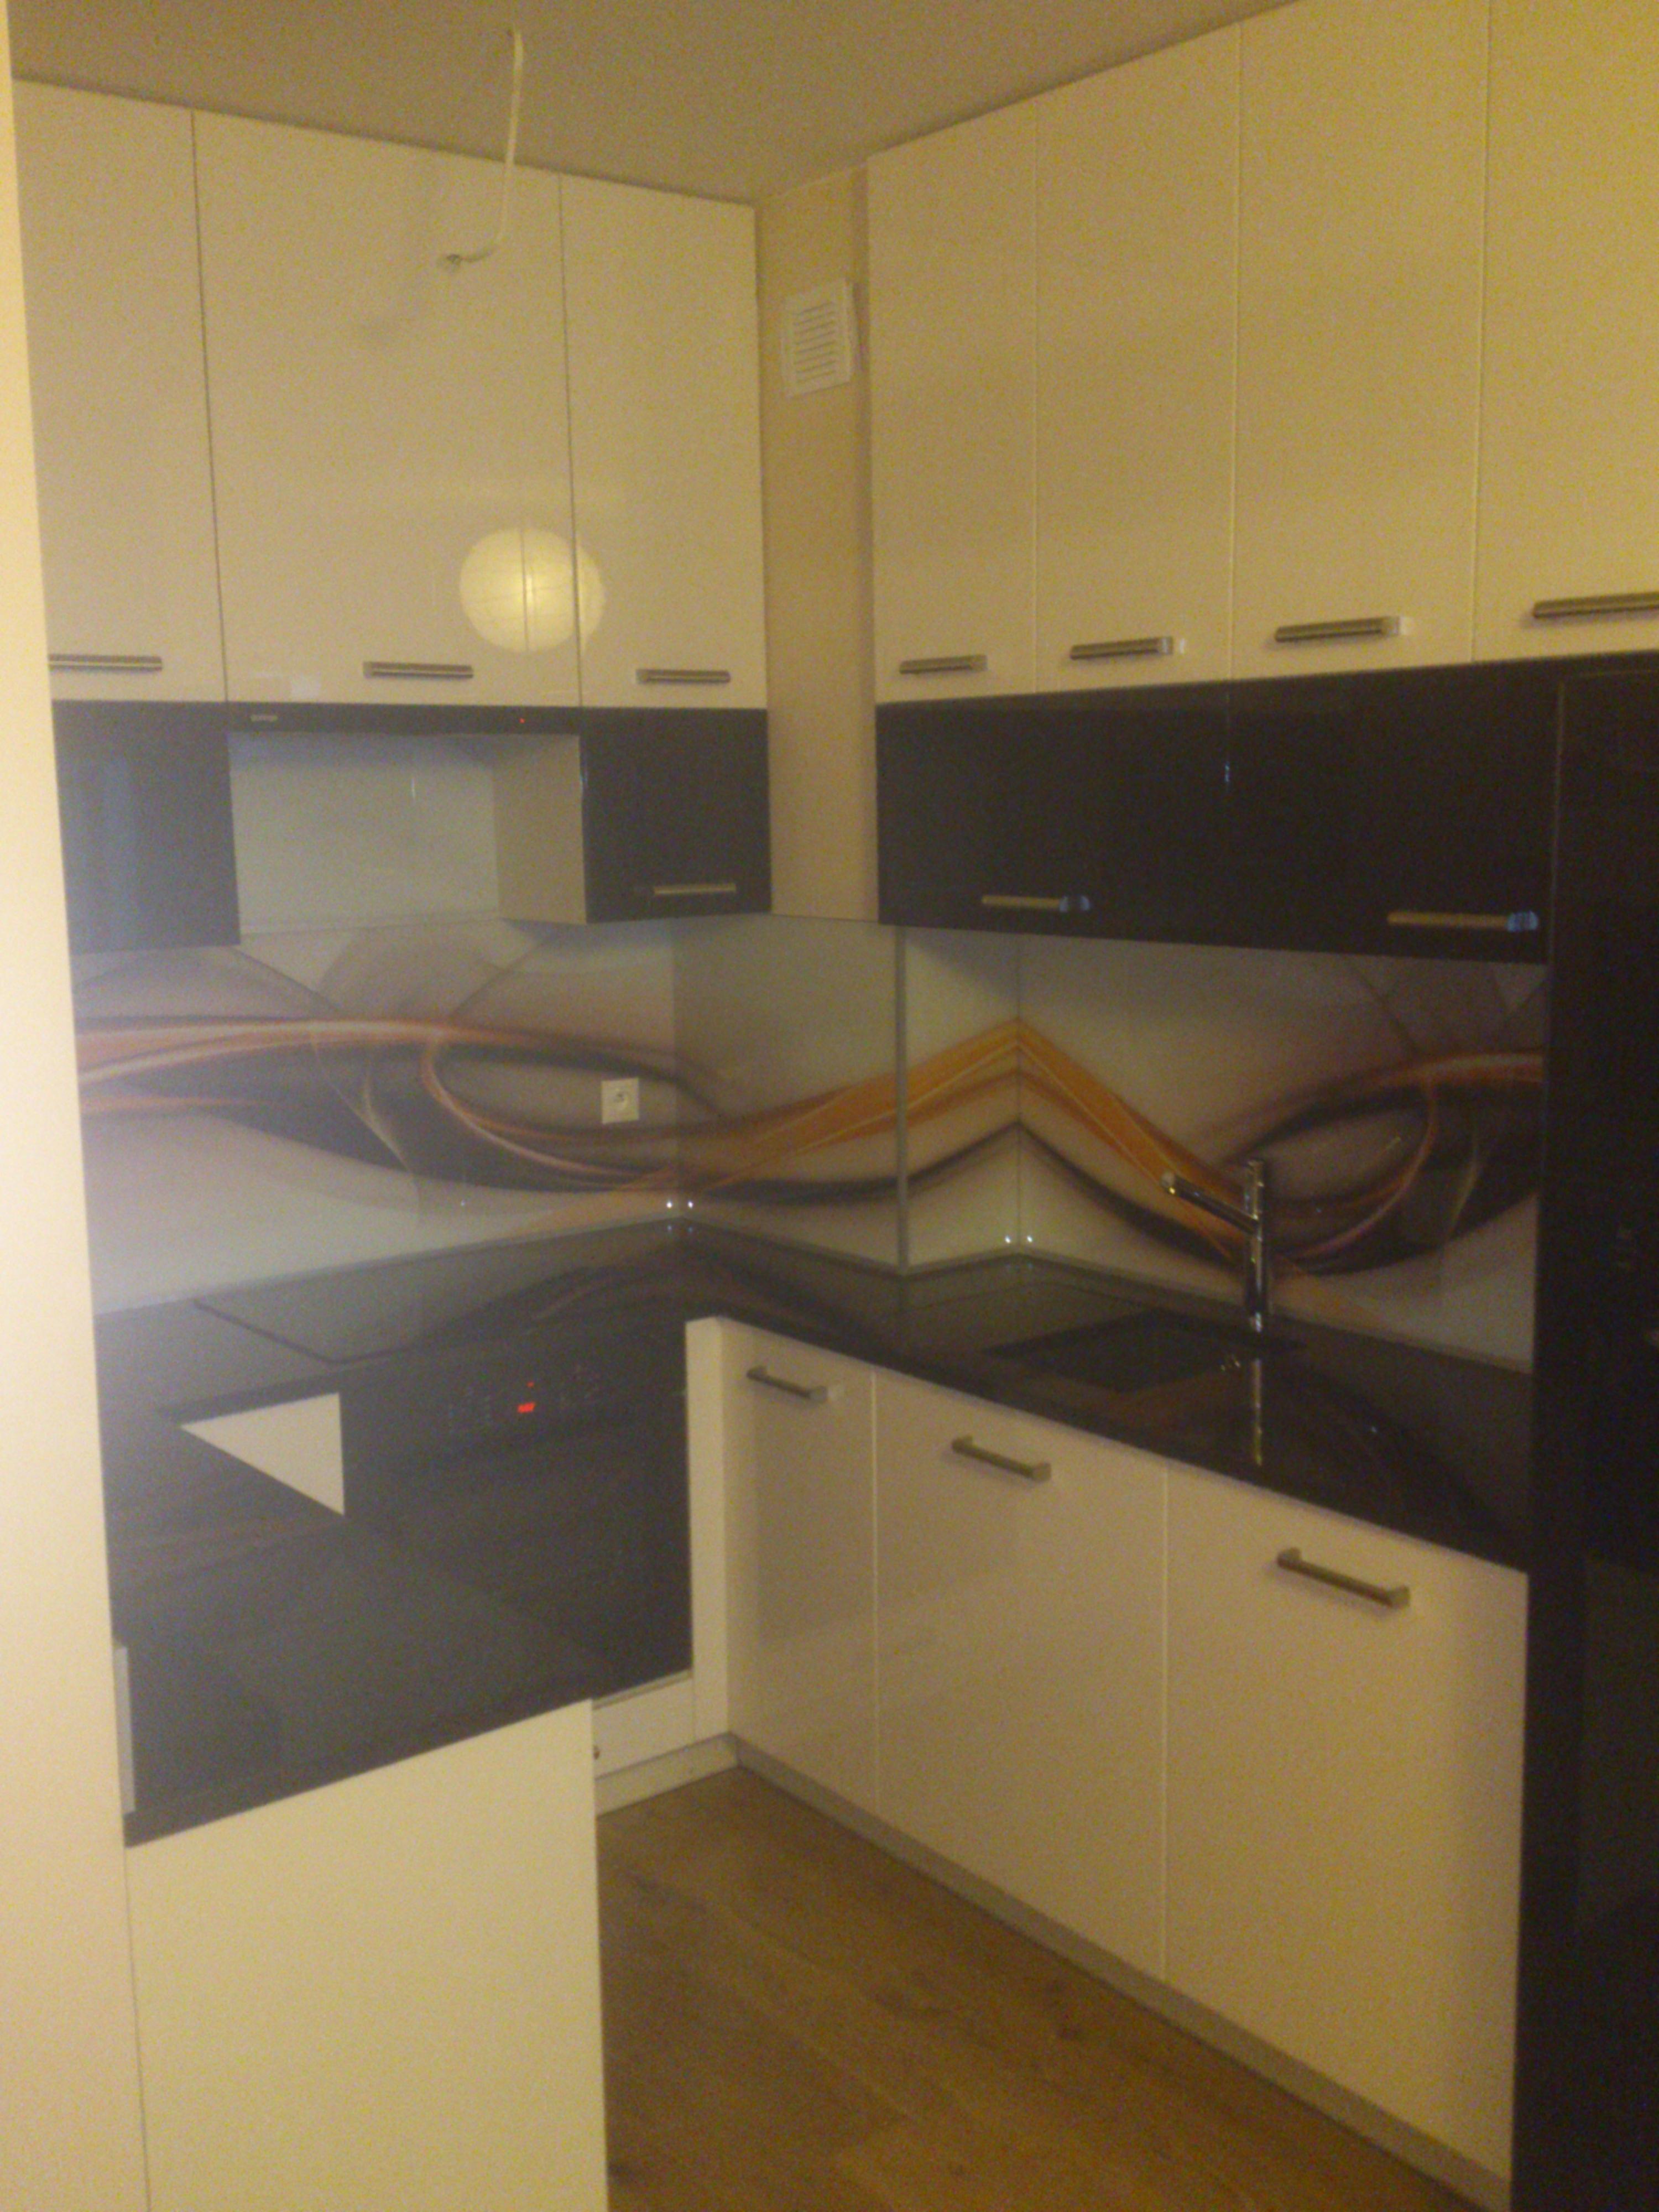 Nowoczesna zabudowa kuchenna, mała kuchnia w bloku, mała kuchnia w bloku soch   -> Kuchnia Z Salonem W Bloku Zdjecia